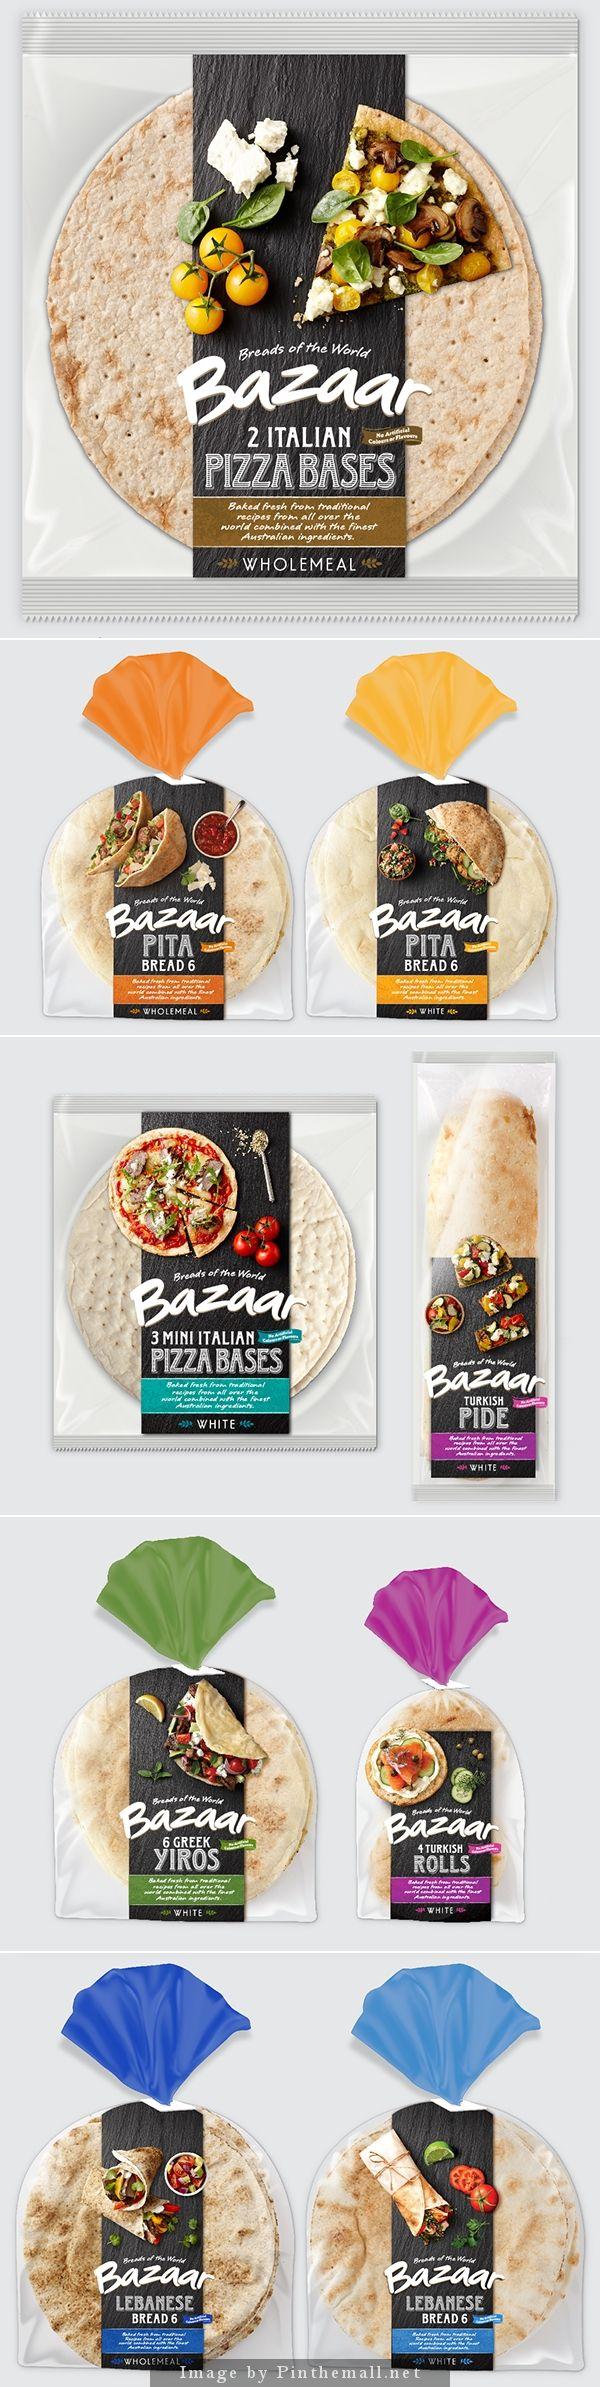 Bazaar Bread